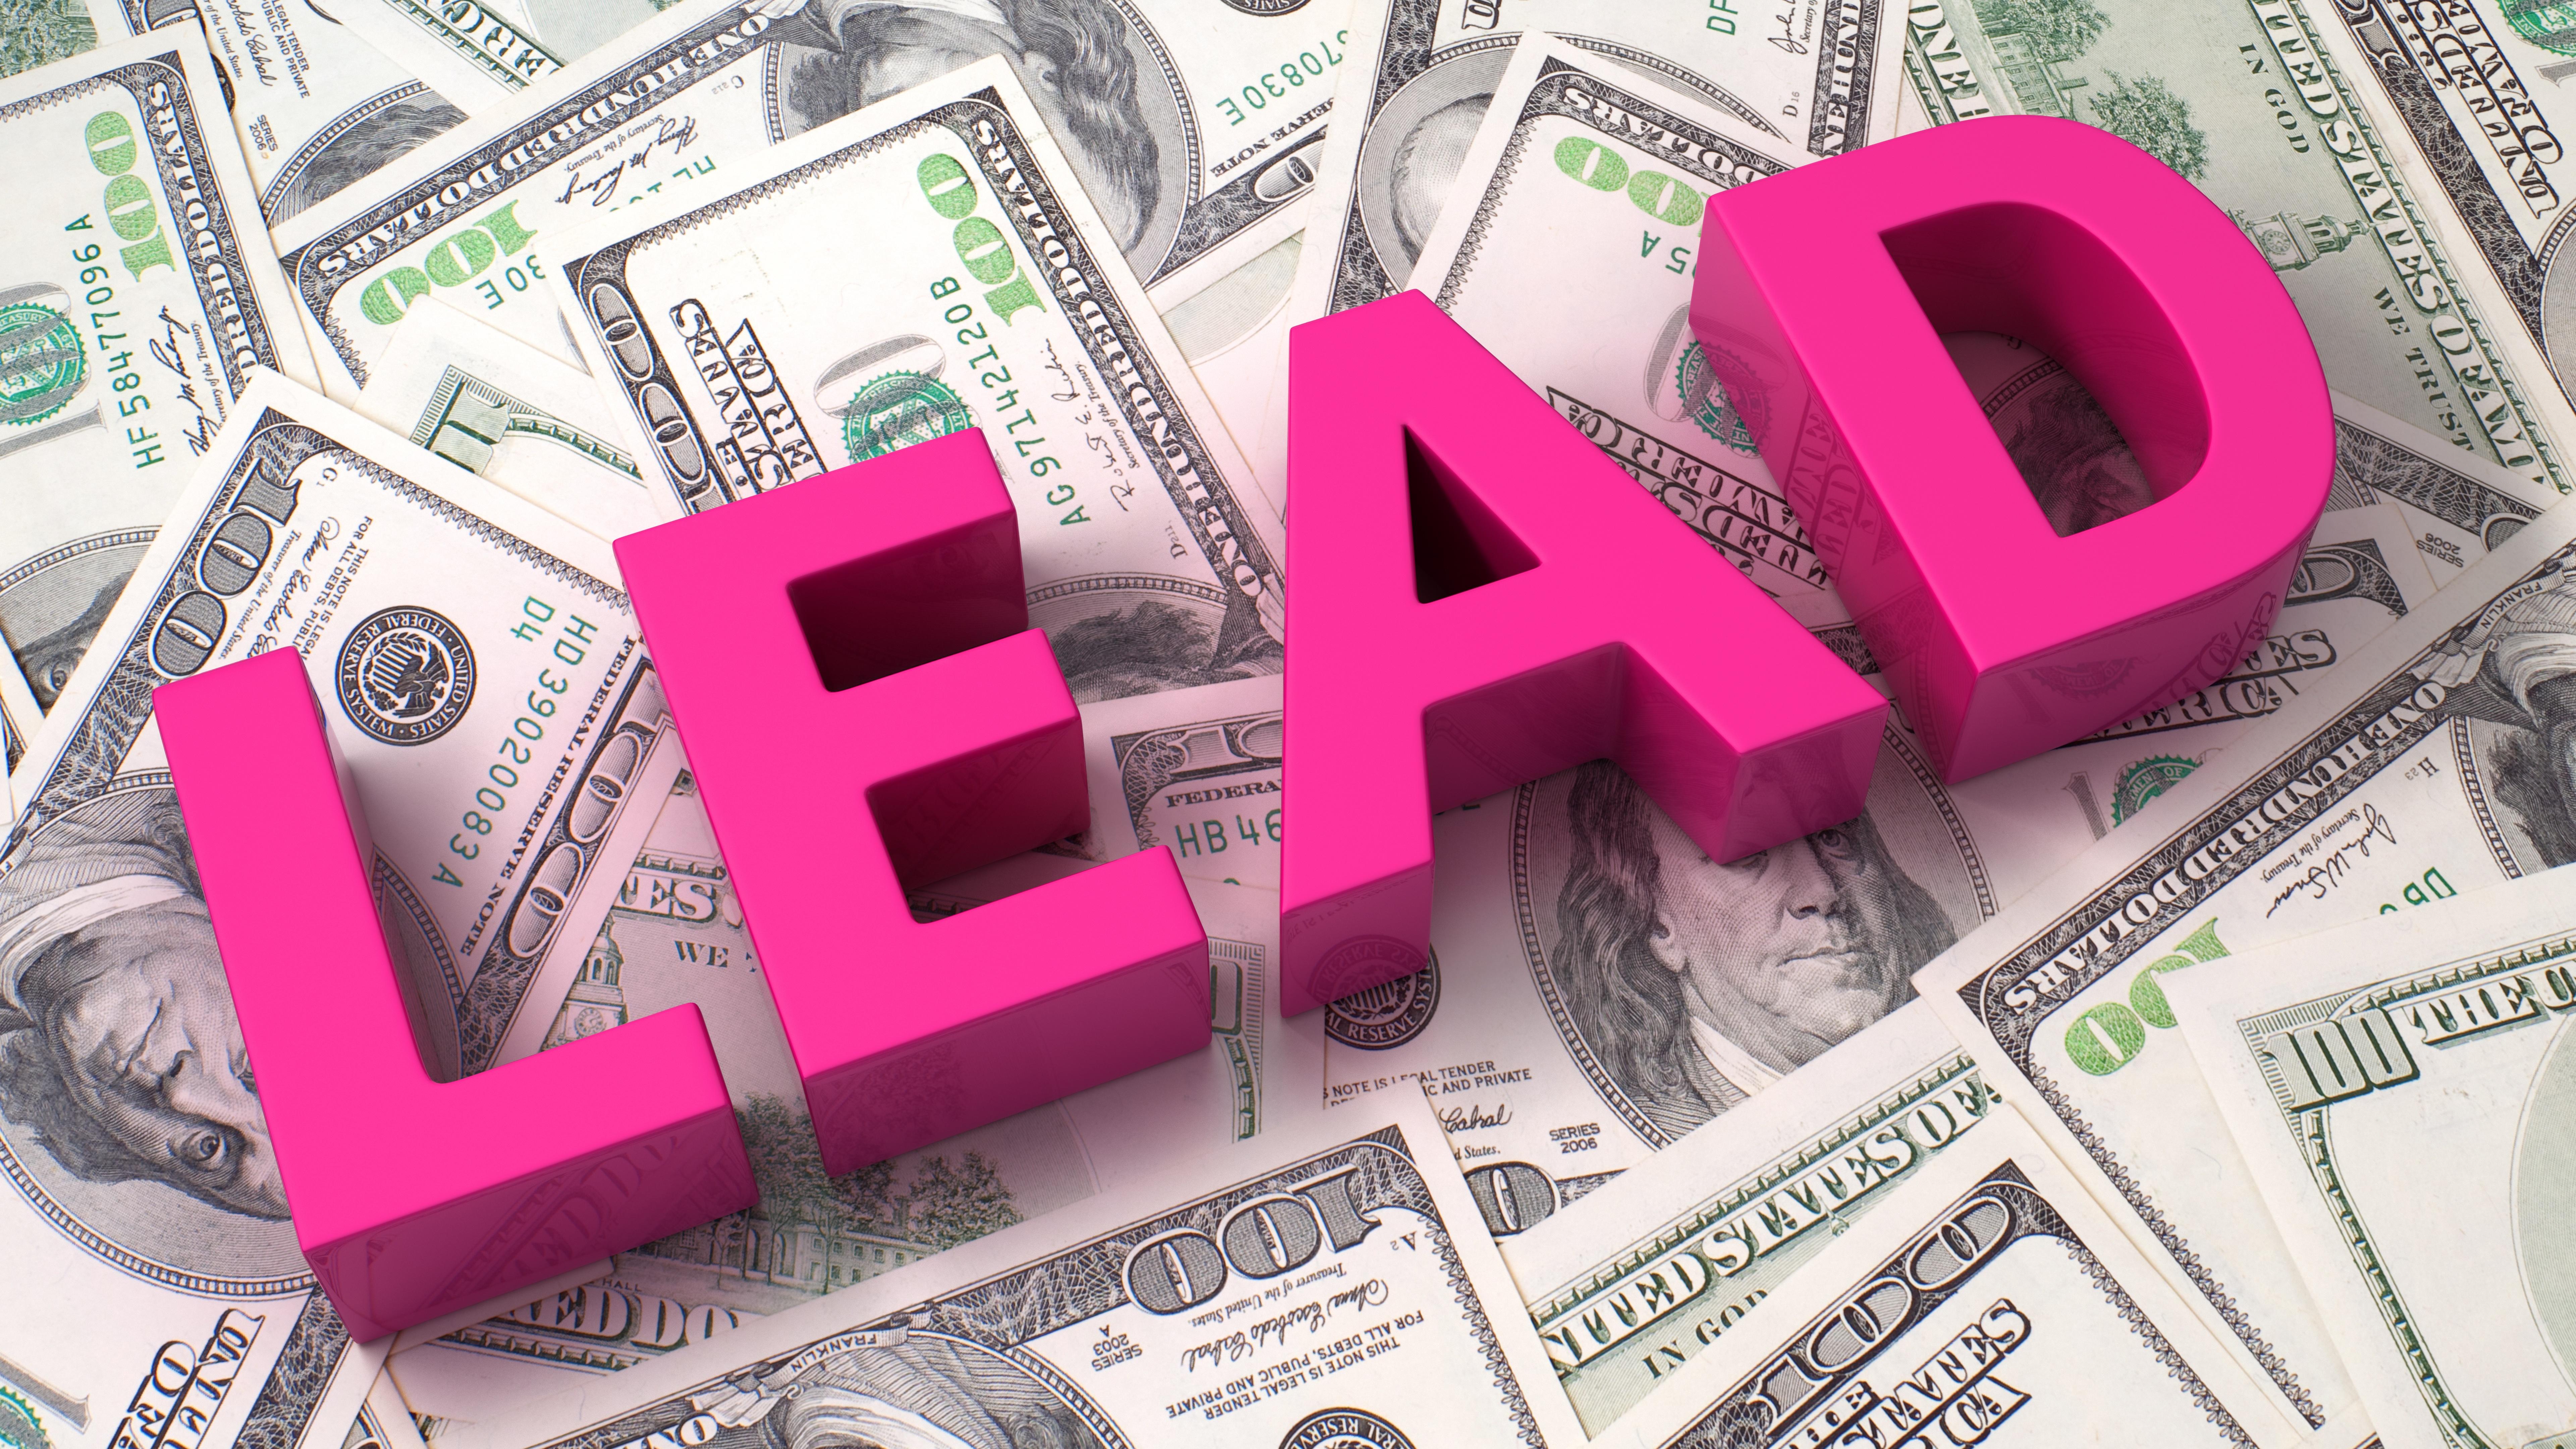 marketing-metrics-cost-per-lead.jpg